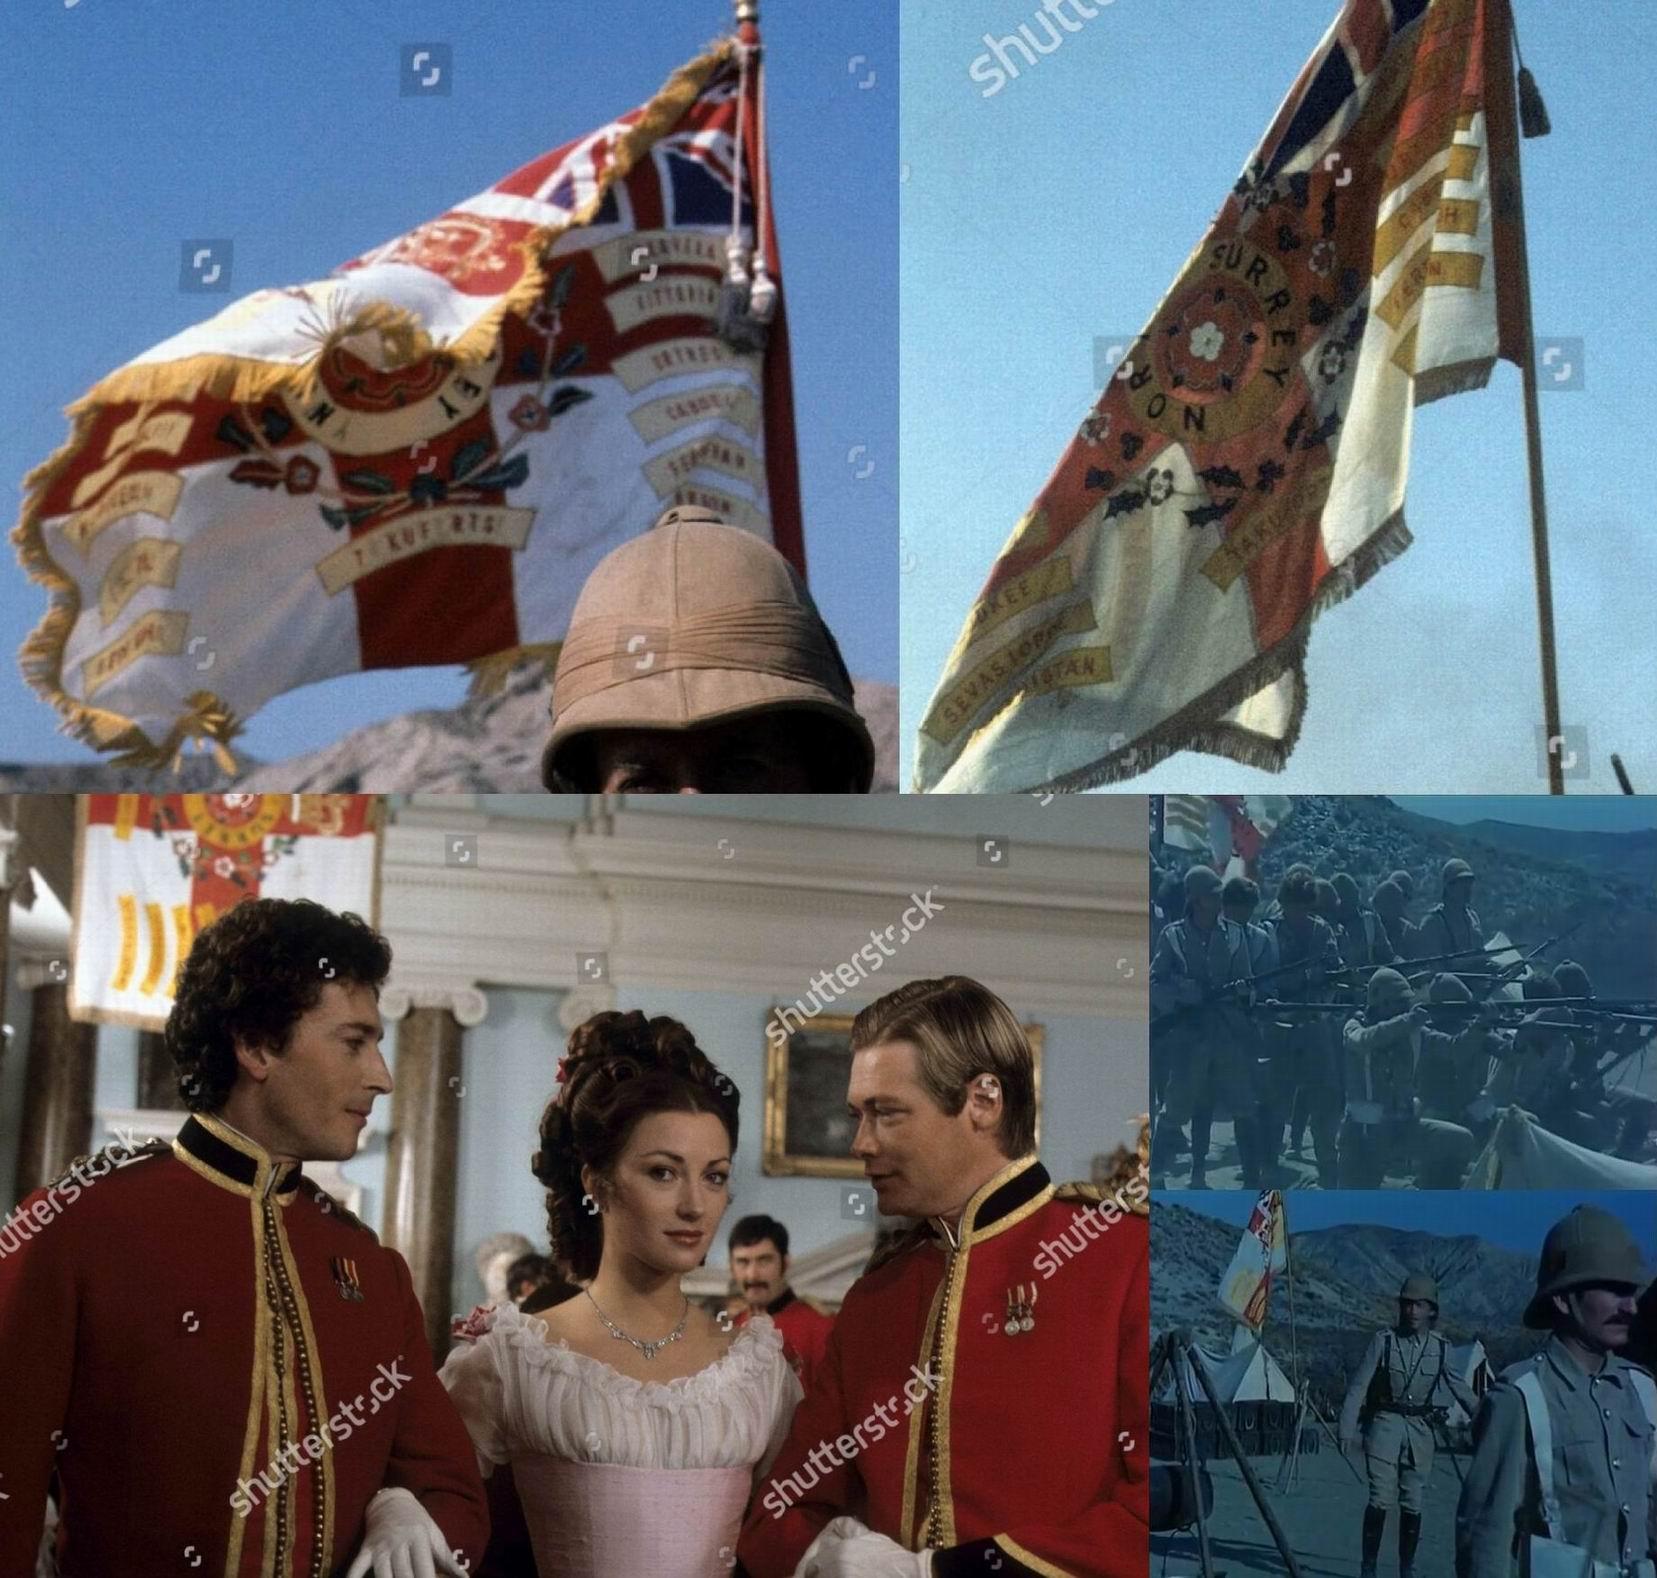 """Под надписью """"Северный Суррей"""" видны другие буквы - """"Йоркшир""""? Полковая святыня, по логике фильма, должна попасть в руки врага после показанной стычки, хотя к тому времени вынос знамен в боевые порядки был уже запрещен. Это же знамя же висело на стене в сцене бала в честь помолвки Гарри и Этни."""